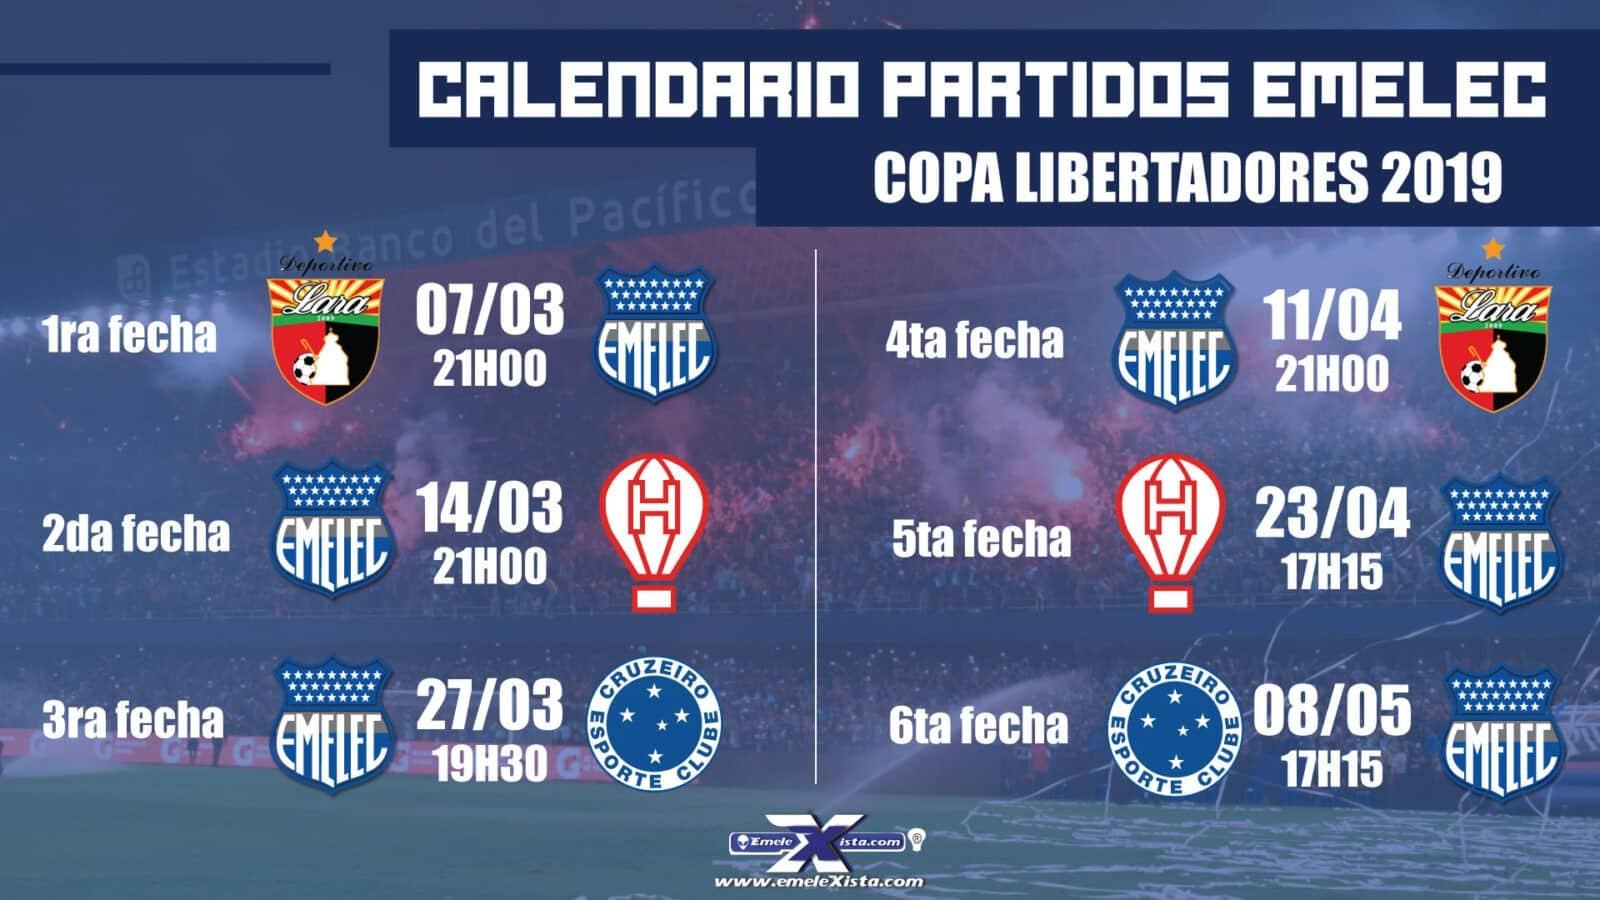 Copa Libertadores : Un calendario 2019 prometedor para EMELEC